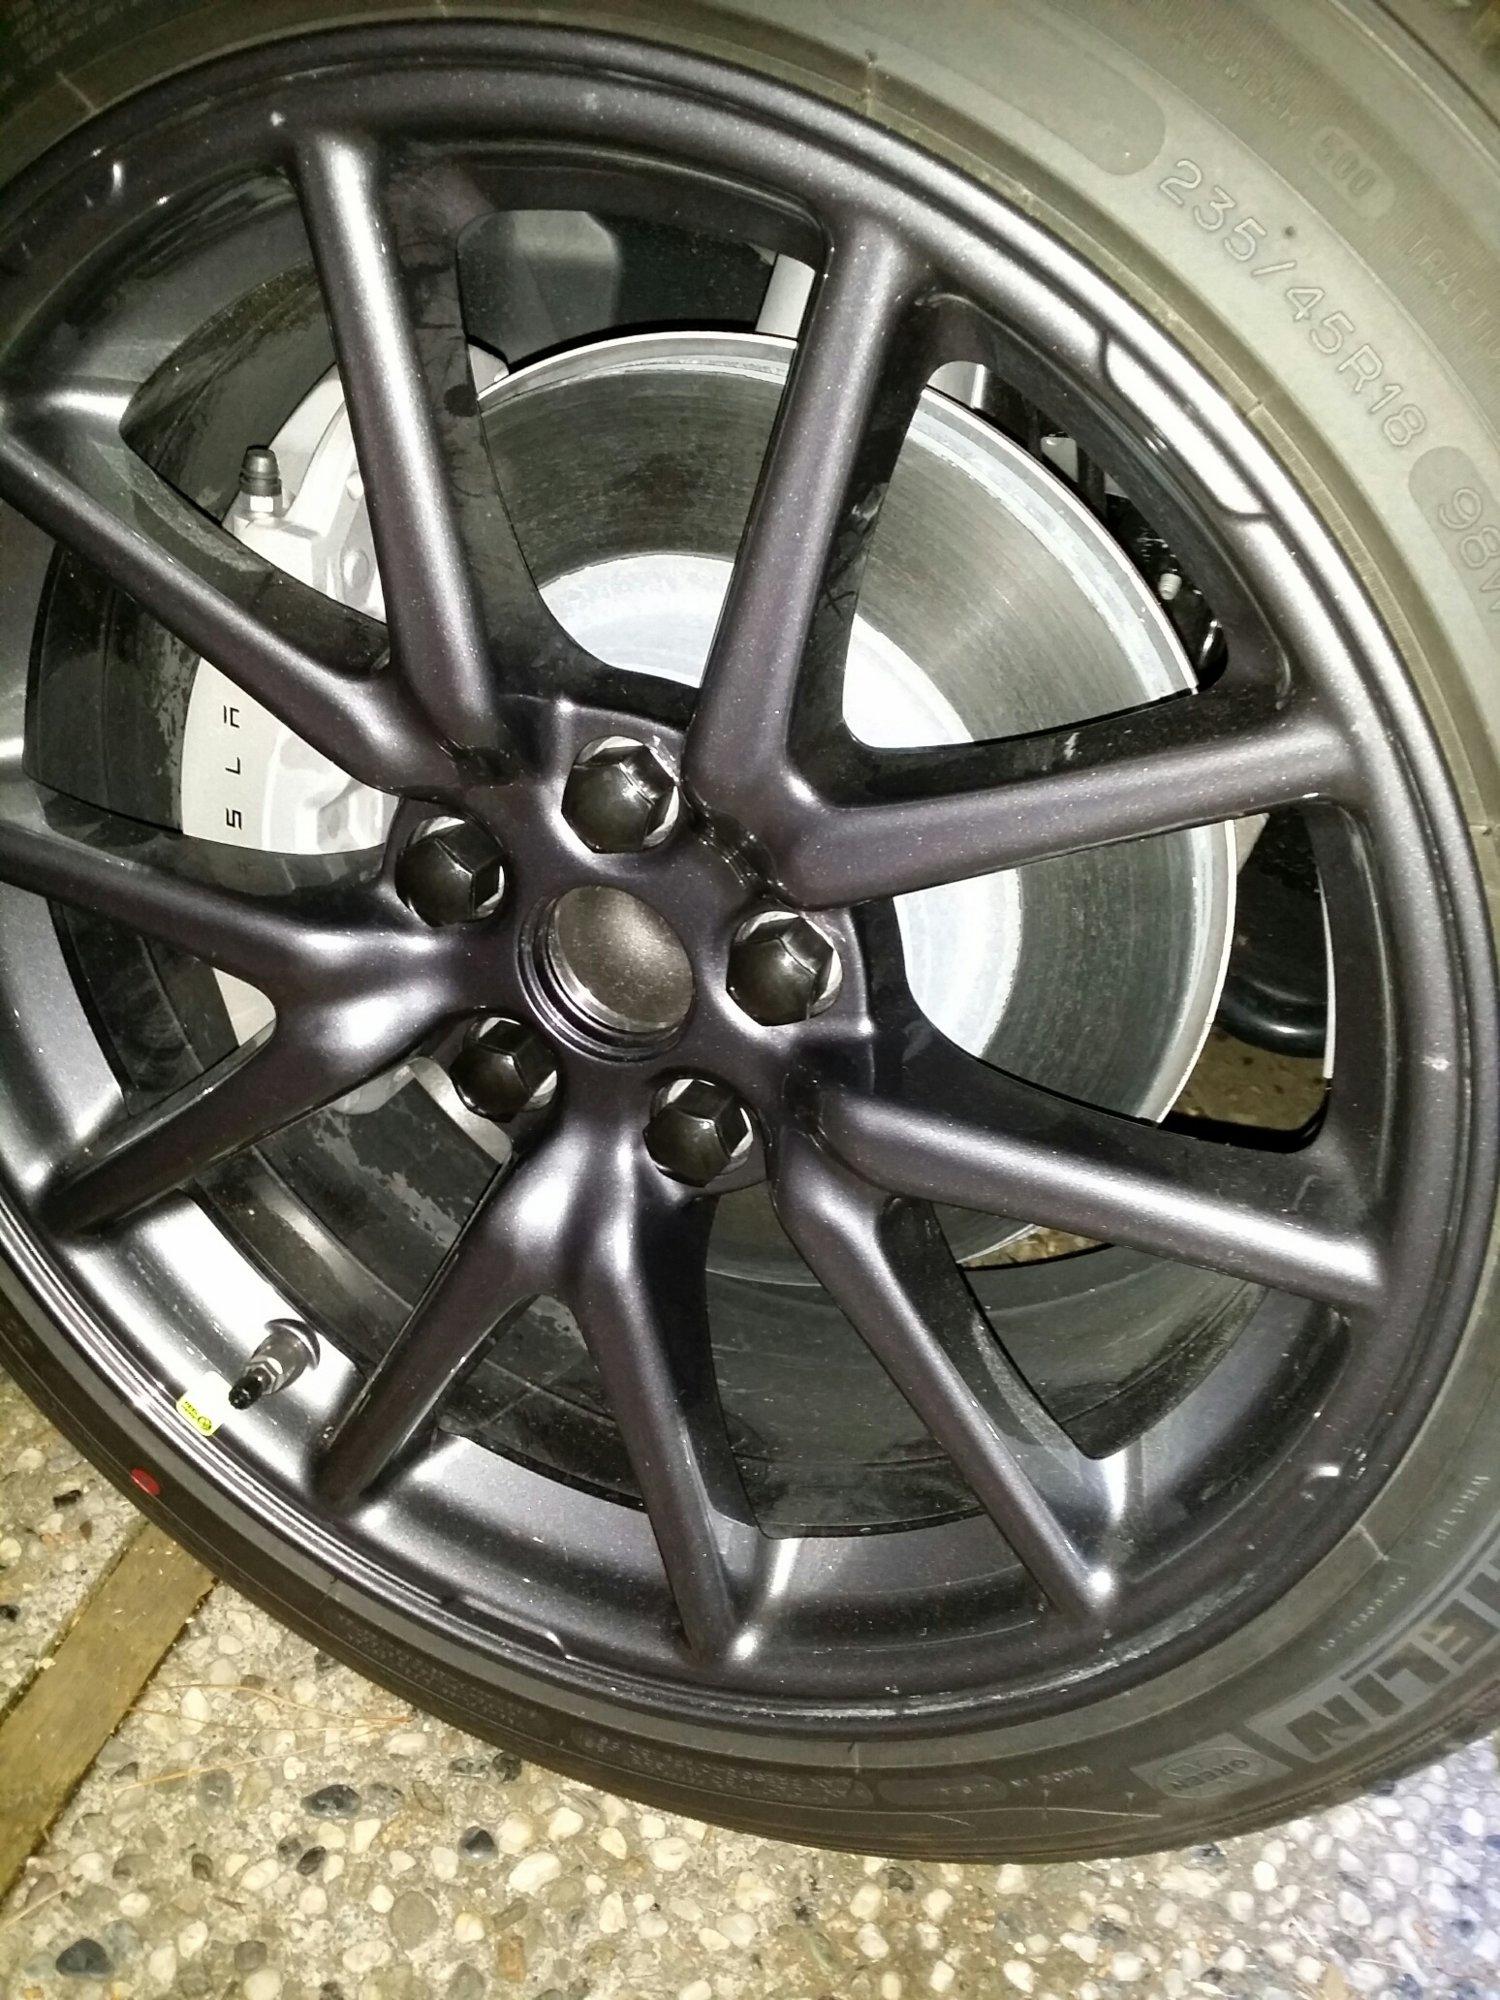 Wheel1_20190331_203616.jpg